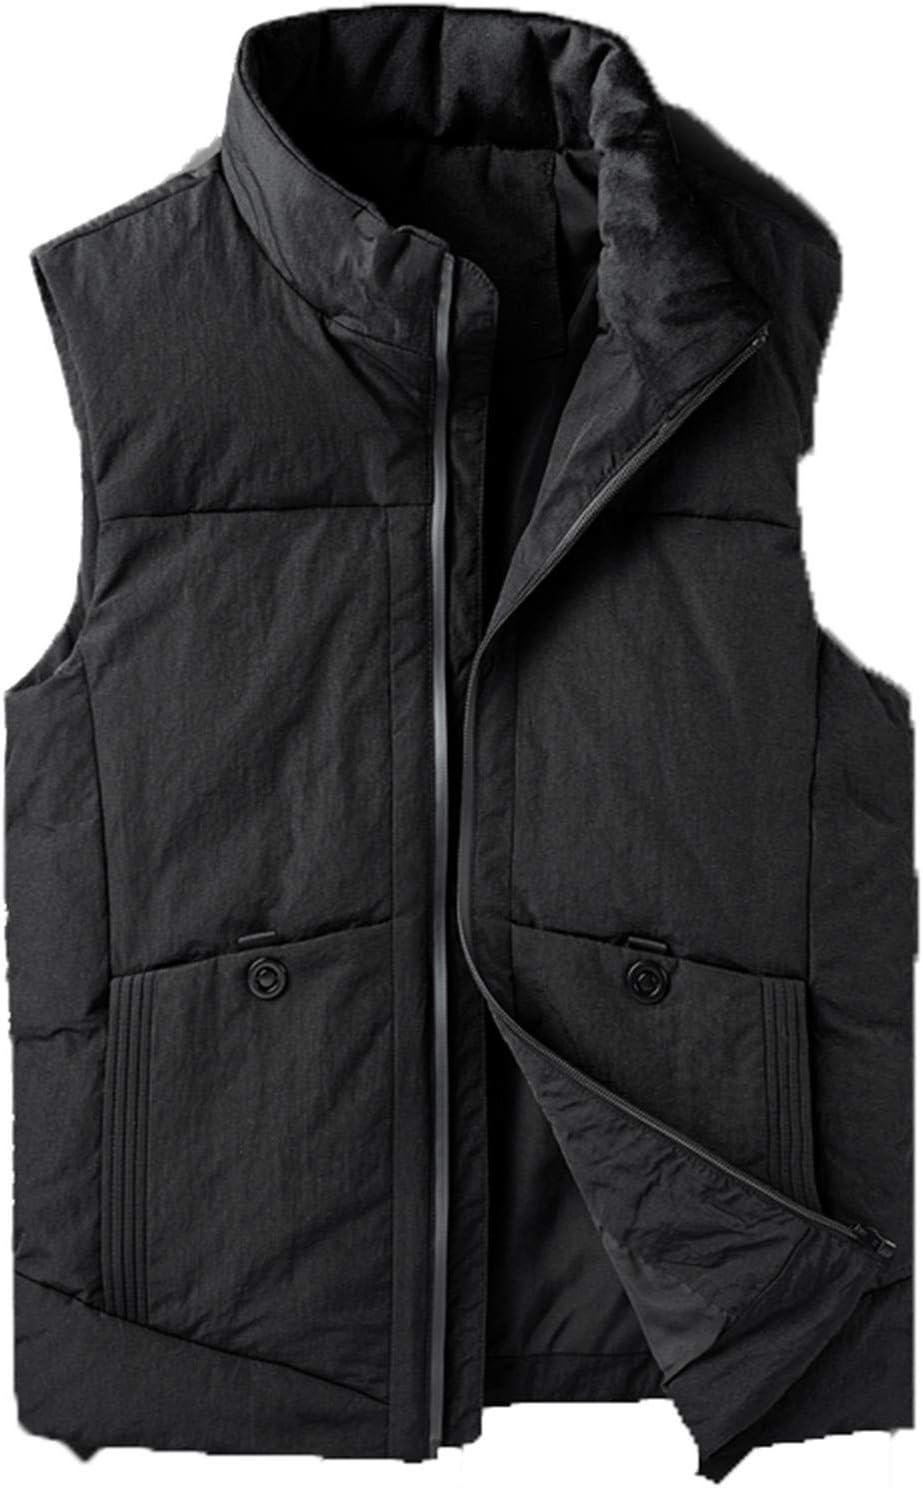 Snhpk Men's Down Vest Outerwear Gilets Coat Softshell Jacket, Hooded Winter Thicken Warm Windproof Overcoat Waistcoat,Black2,5XL